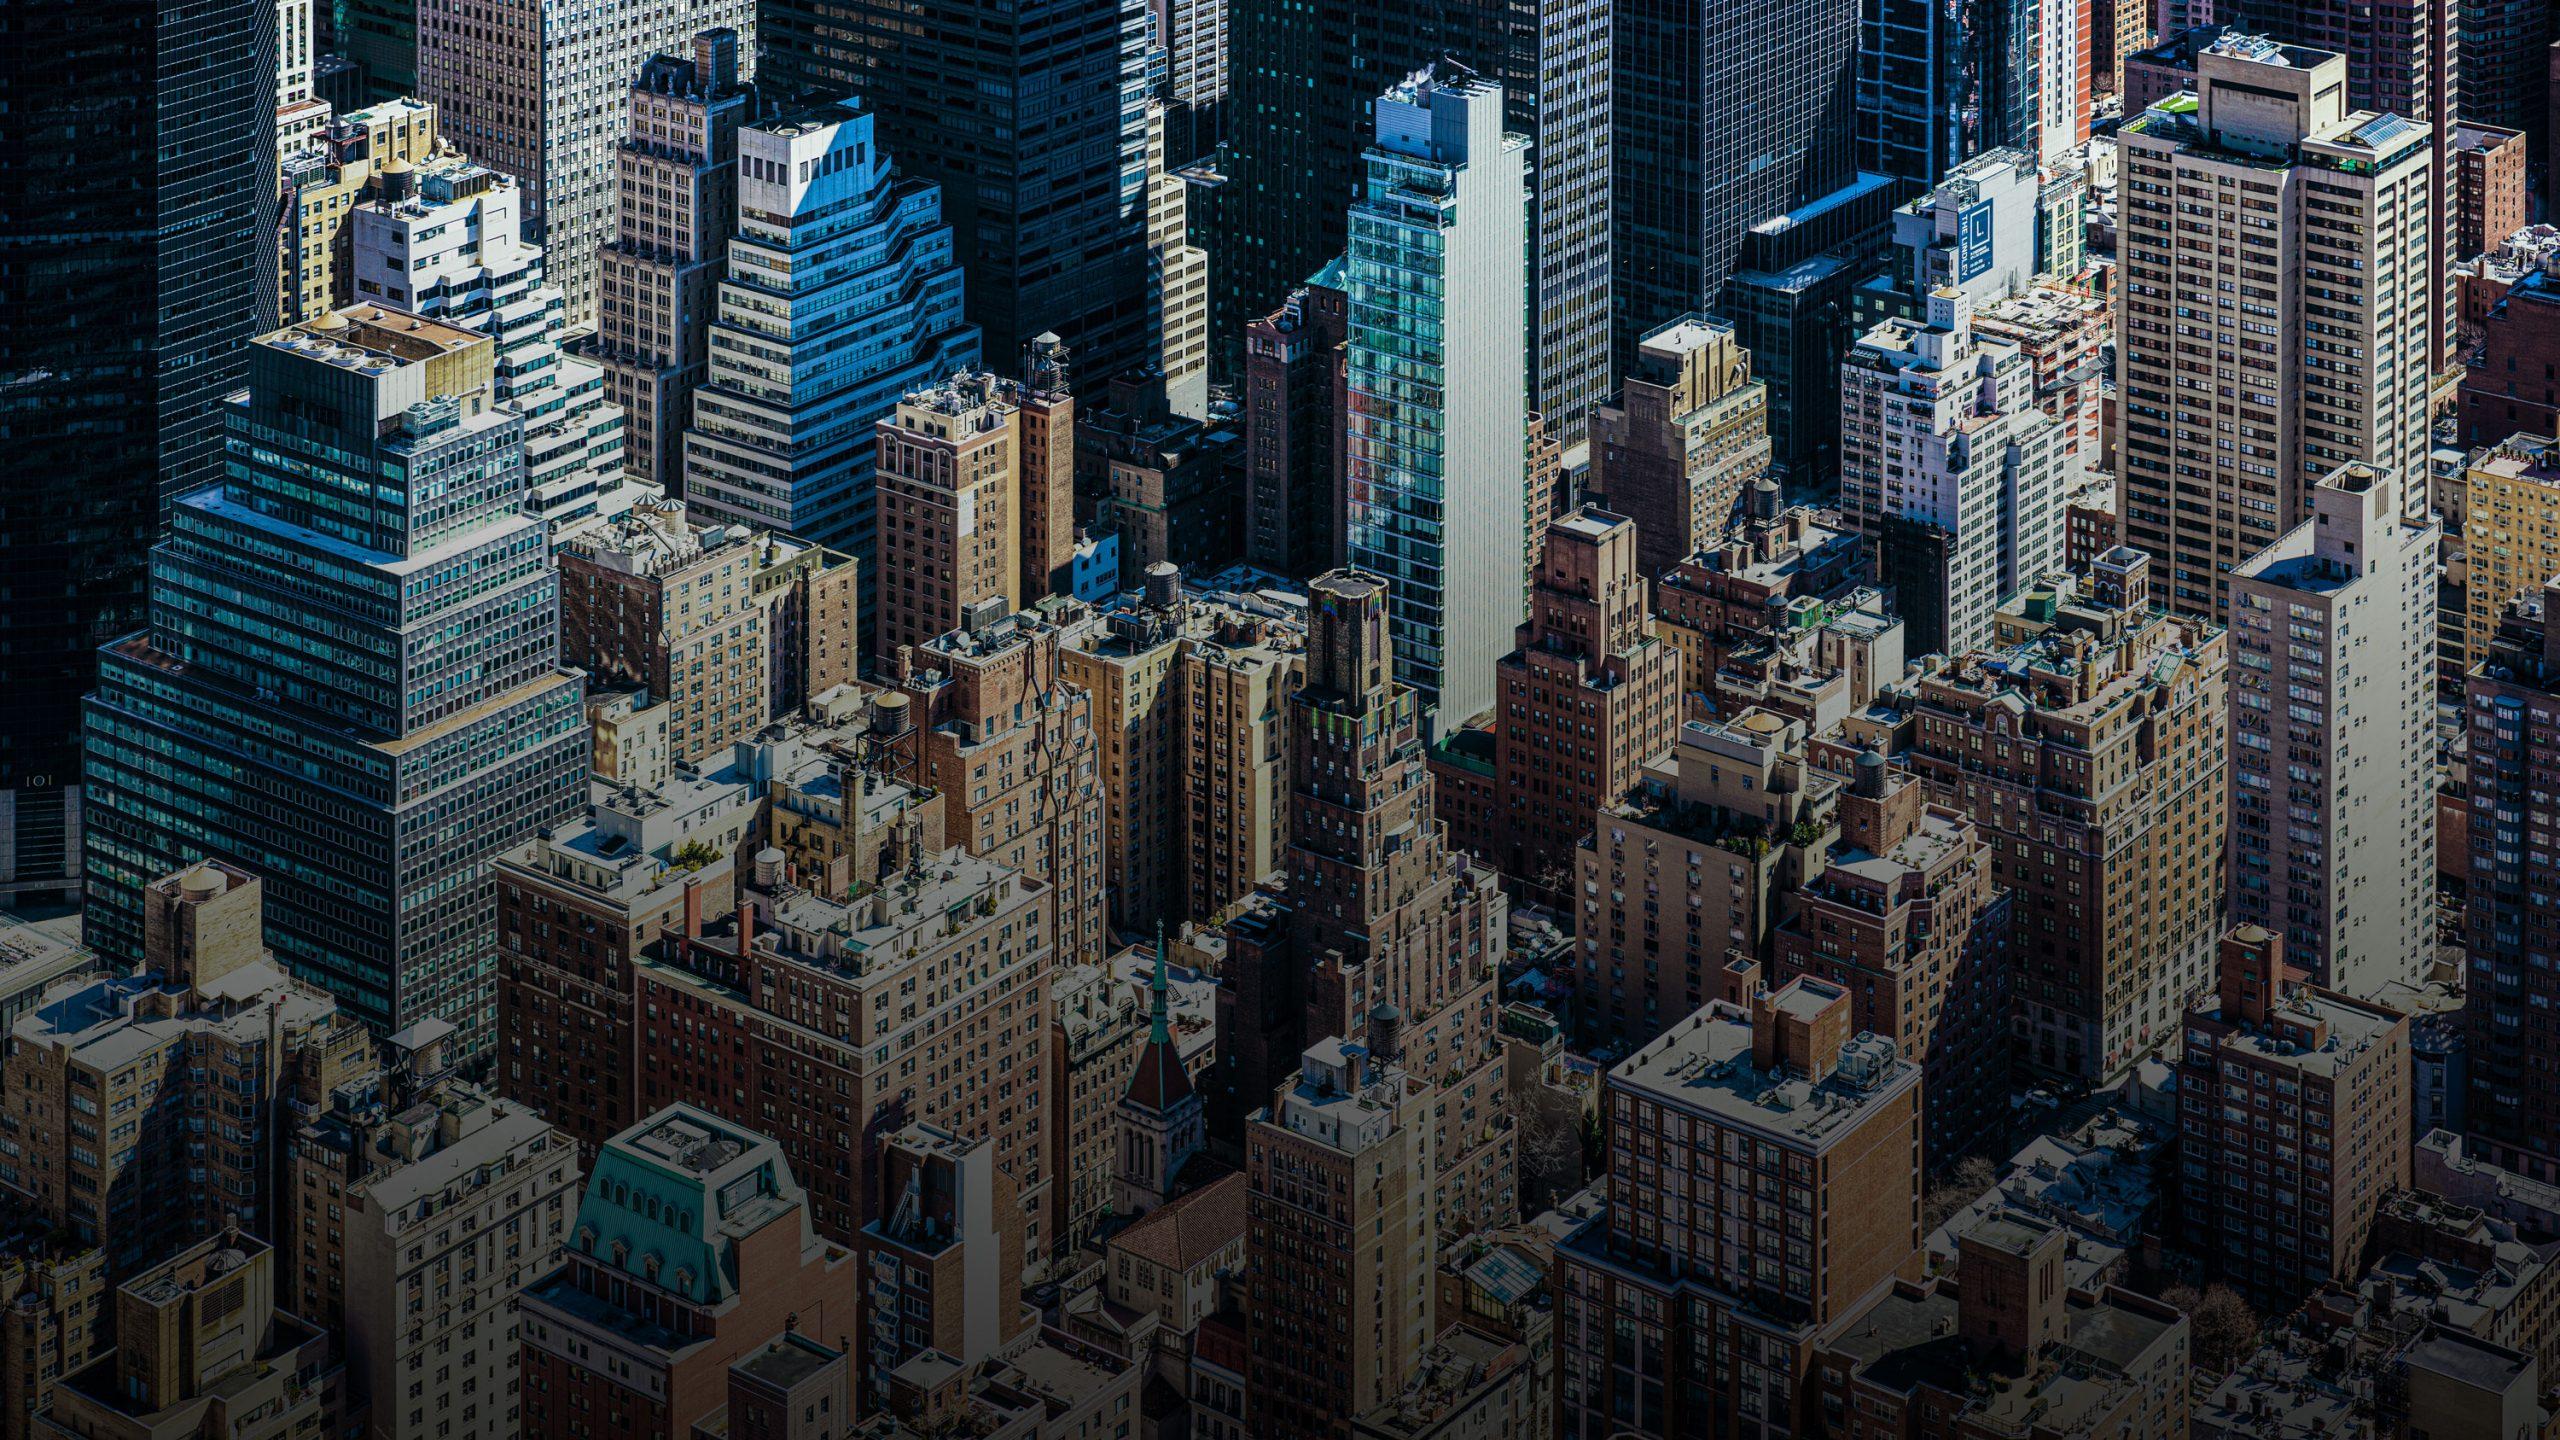 図解:気候変動対策の鍵は巨大都市にある